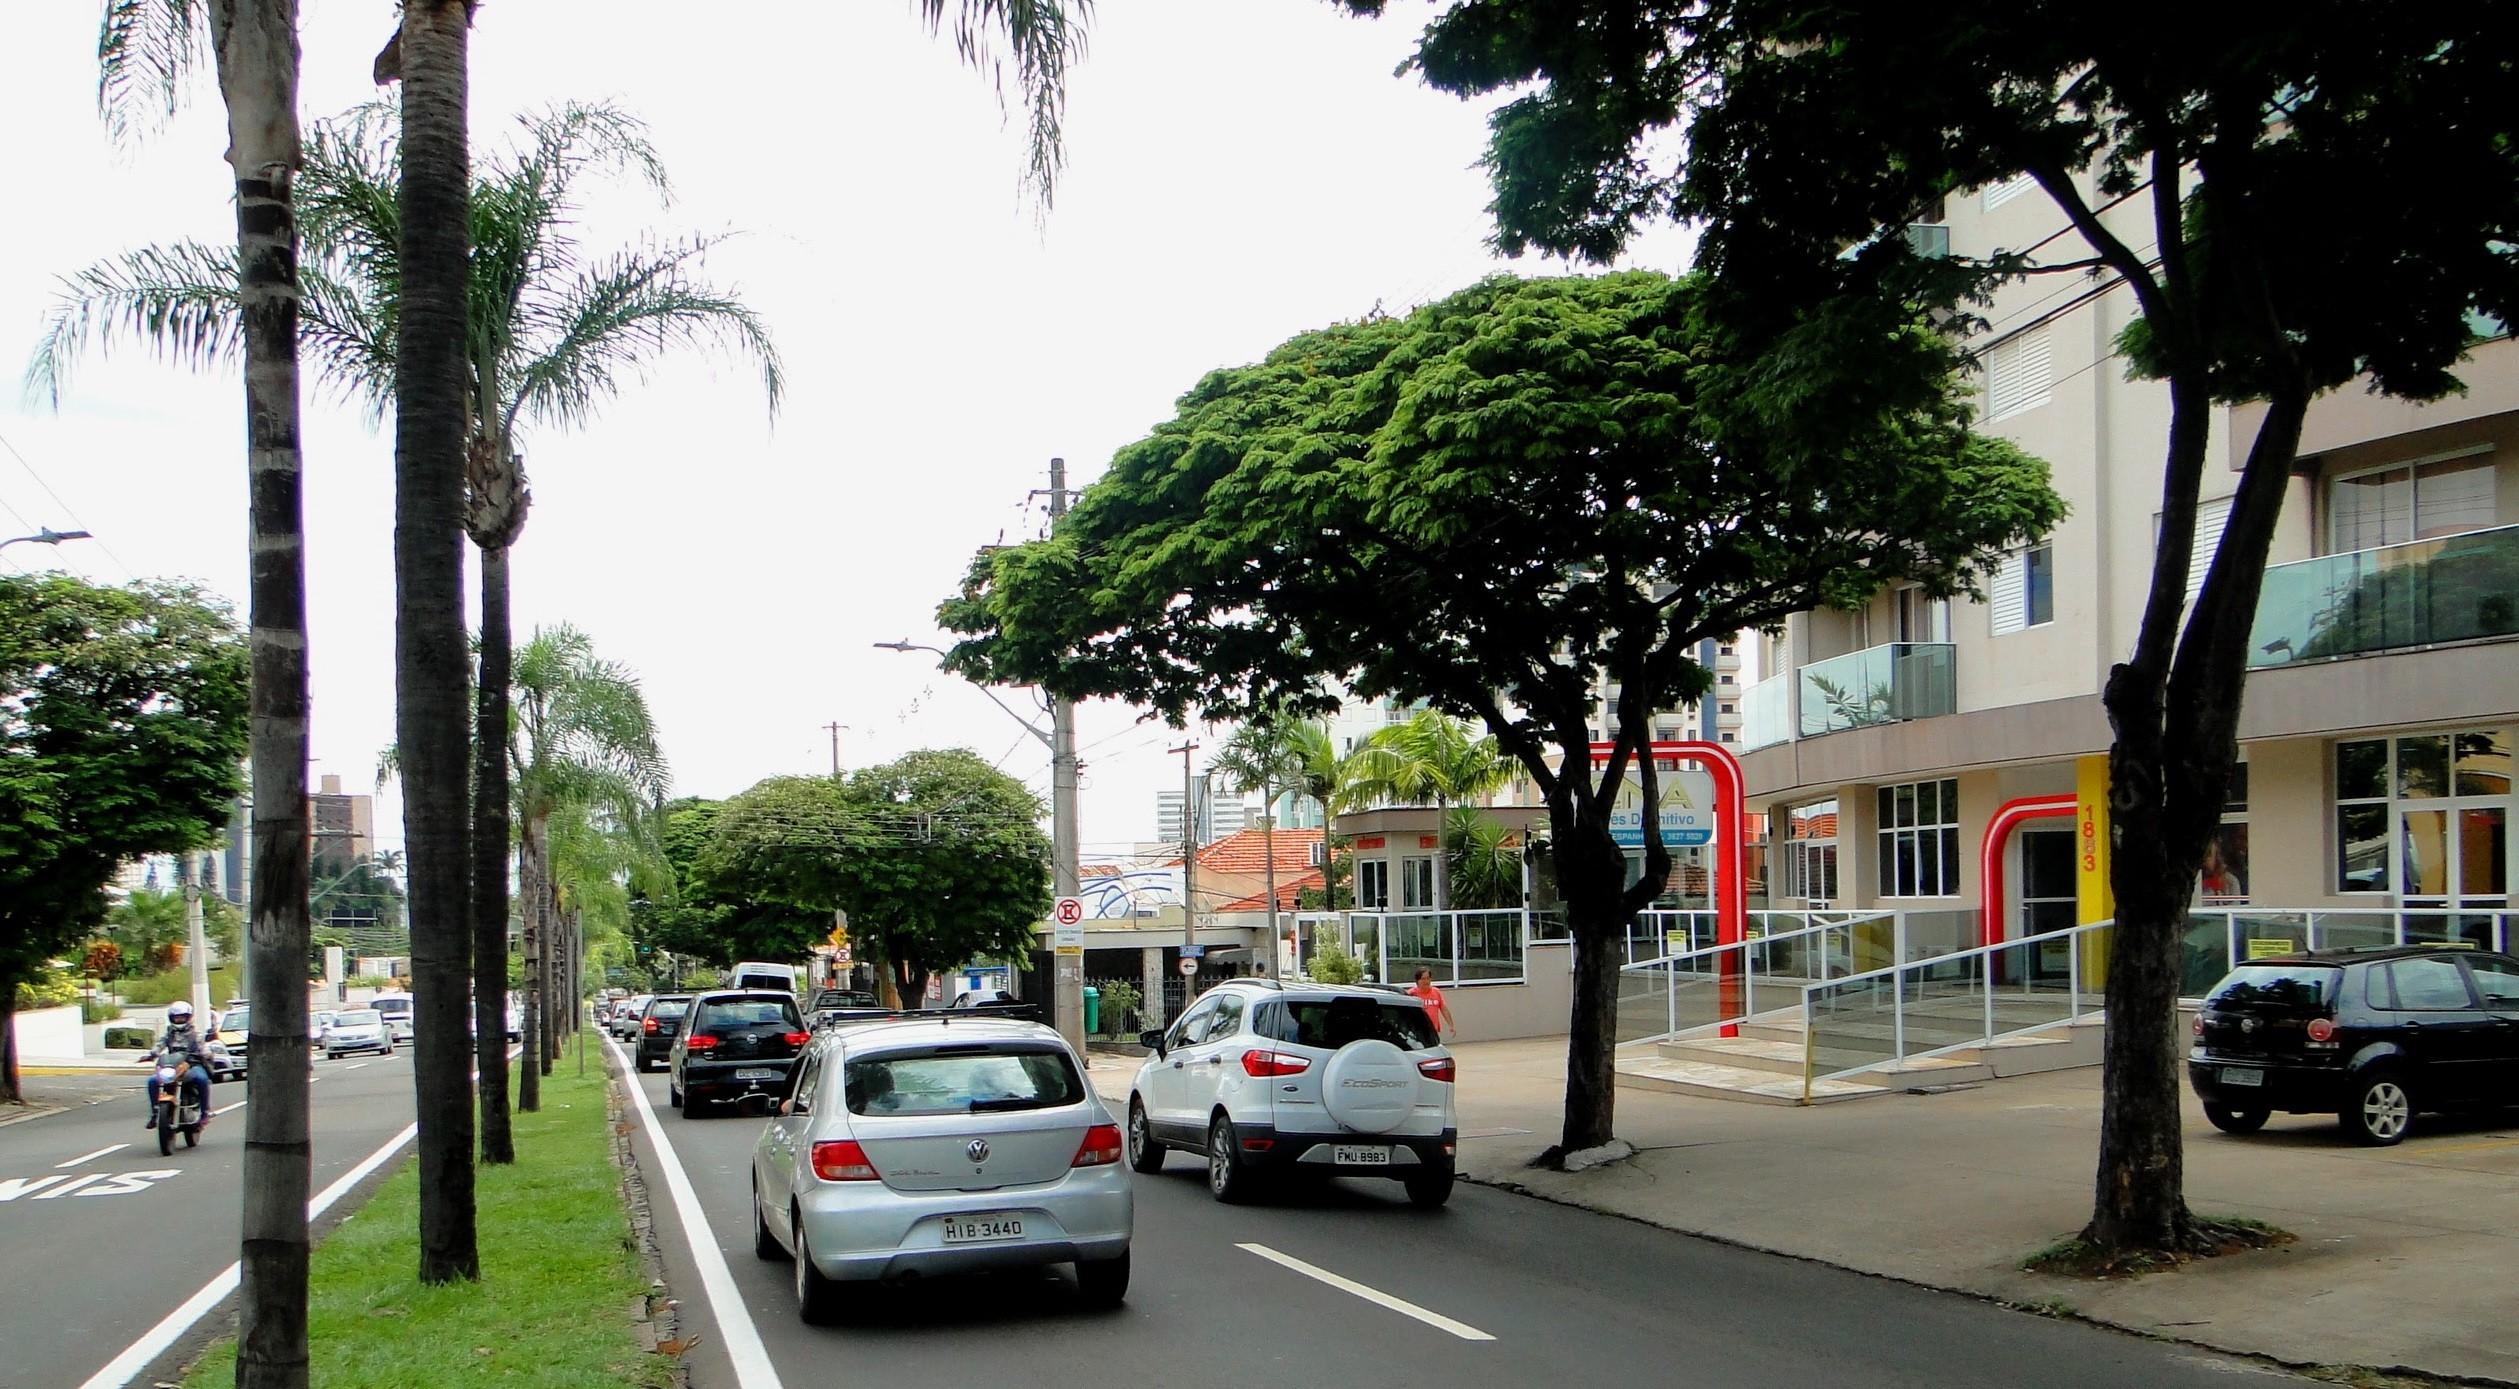 Número de acidentes de trânsito com morte em abril cai 60% em Piracicaba, diz Infosiga